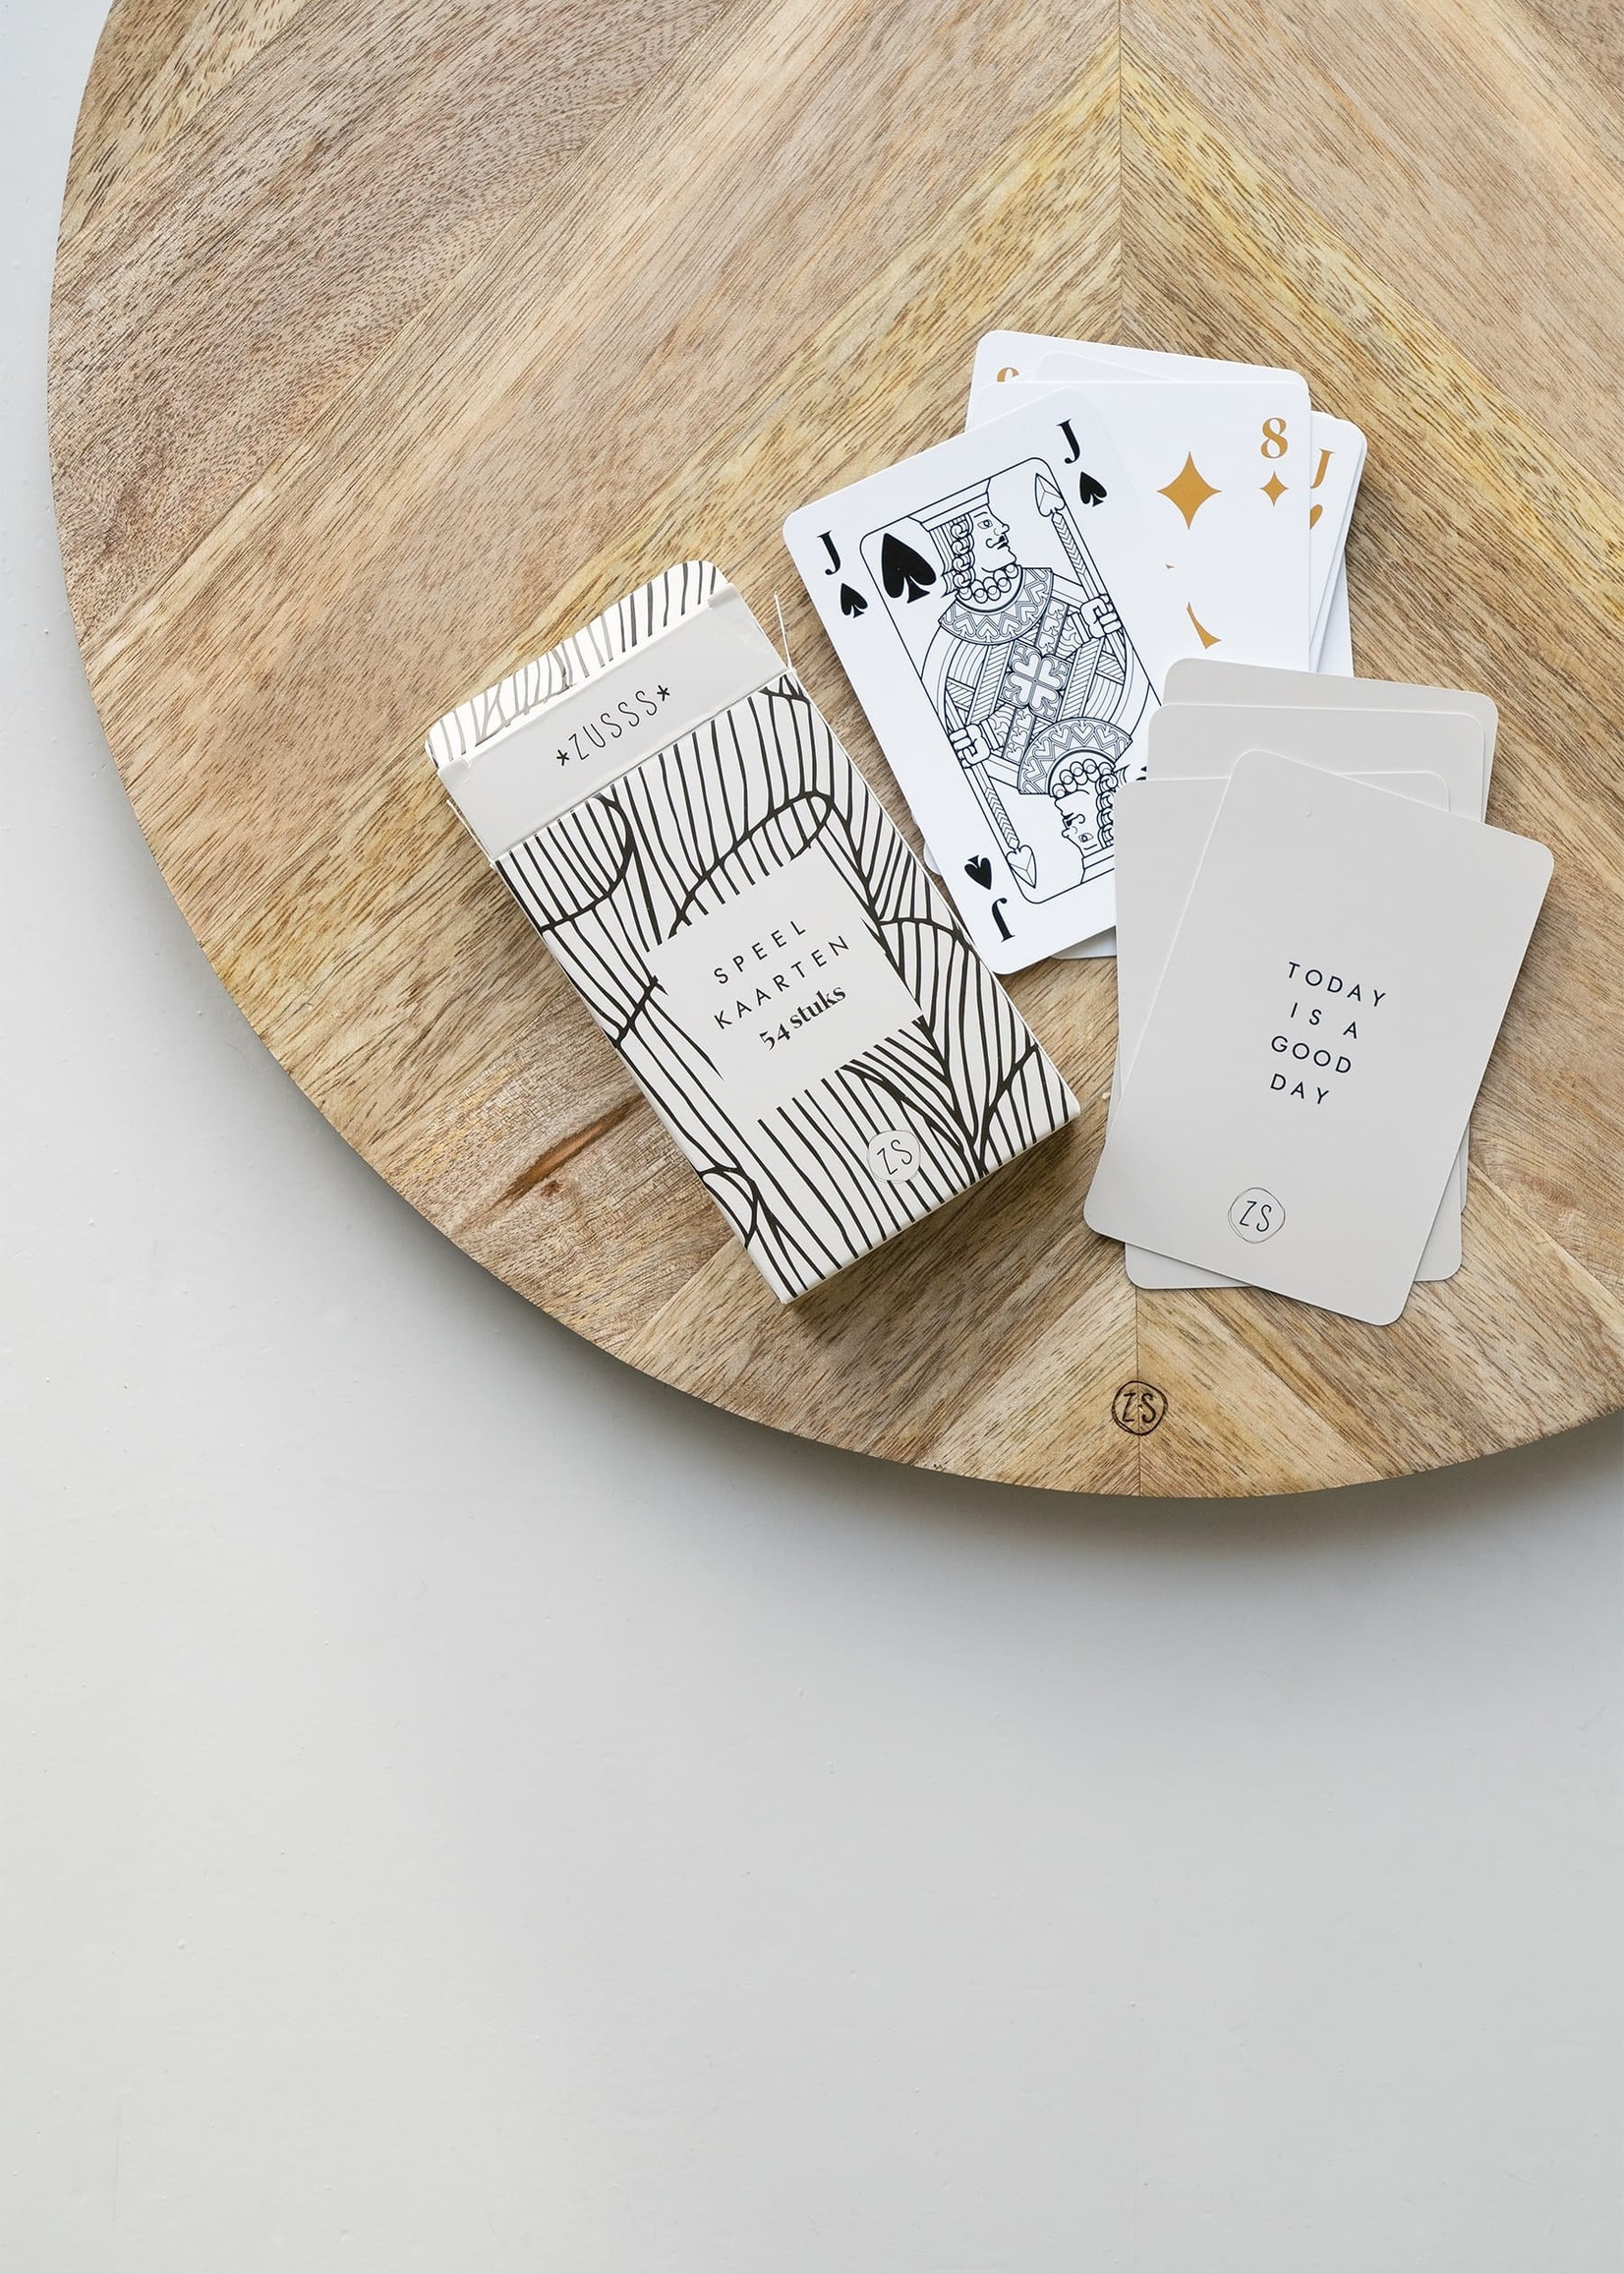 ZUSSS kaartspel in een doosje